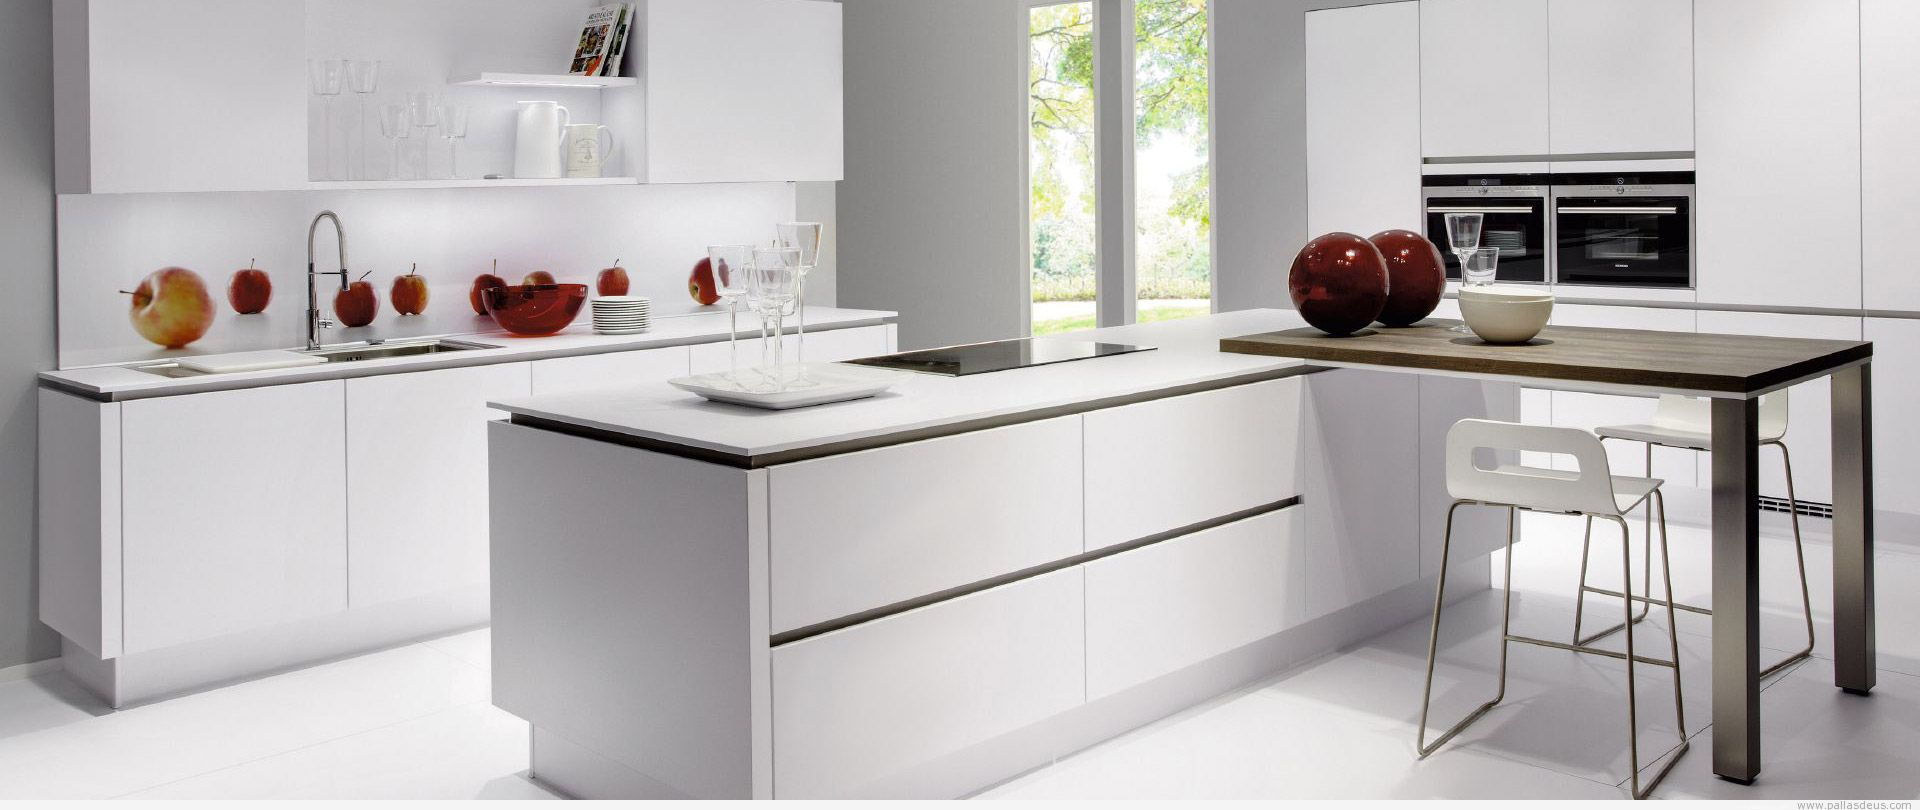 Montadores de muebles de cocina carpinter a pallas deus for Ikea compra tus muebles